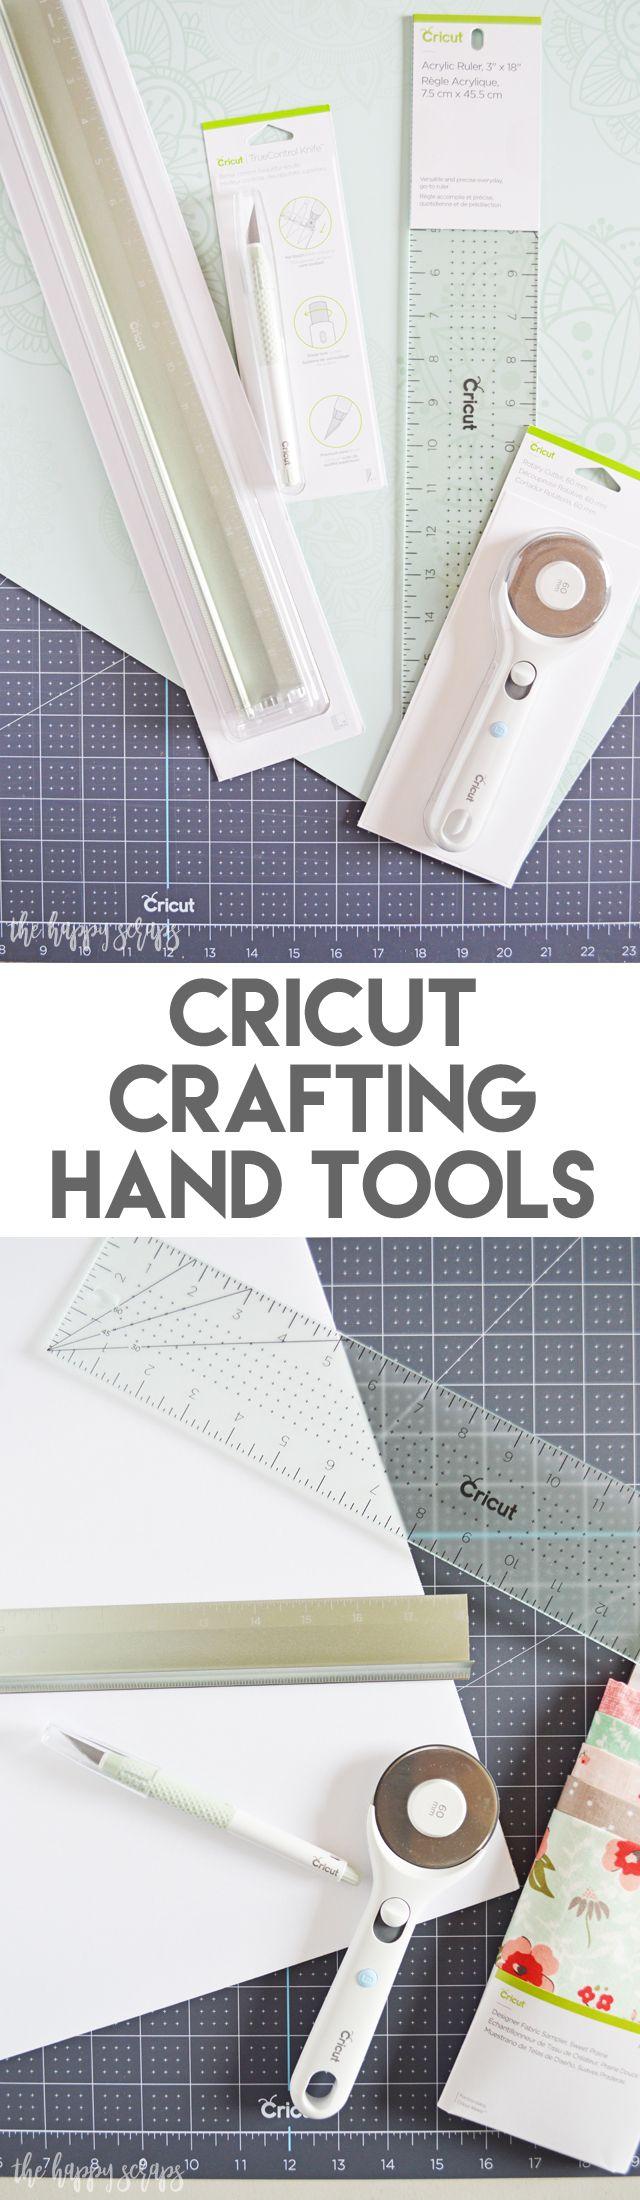 Cricut Crafting Hand Tools The Happy Scraps Hand Tools Cricut Cricut Crafts